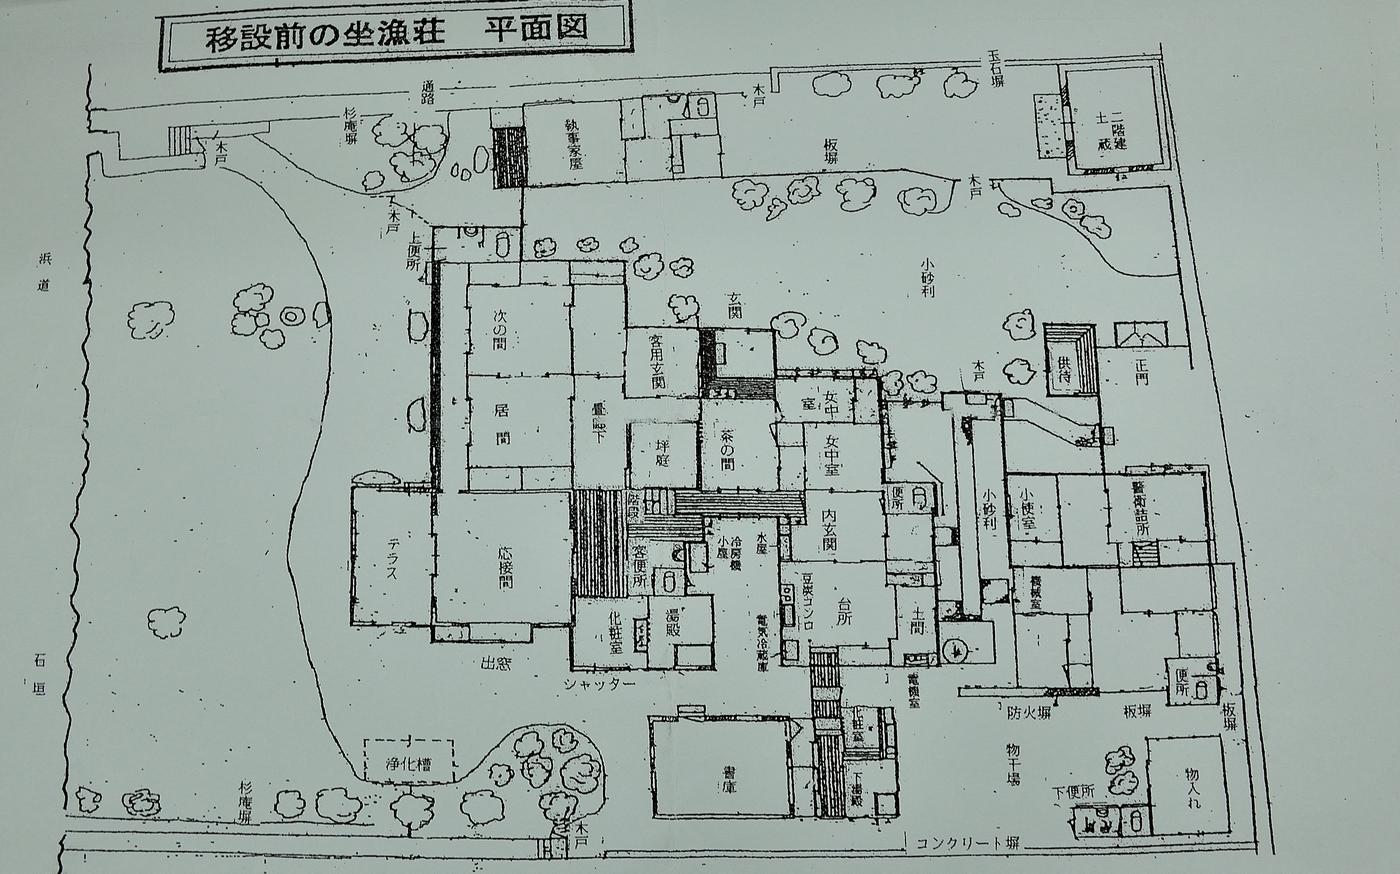 zagyoso_keibi_02